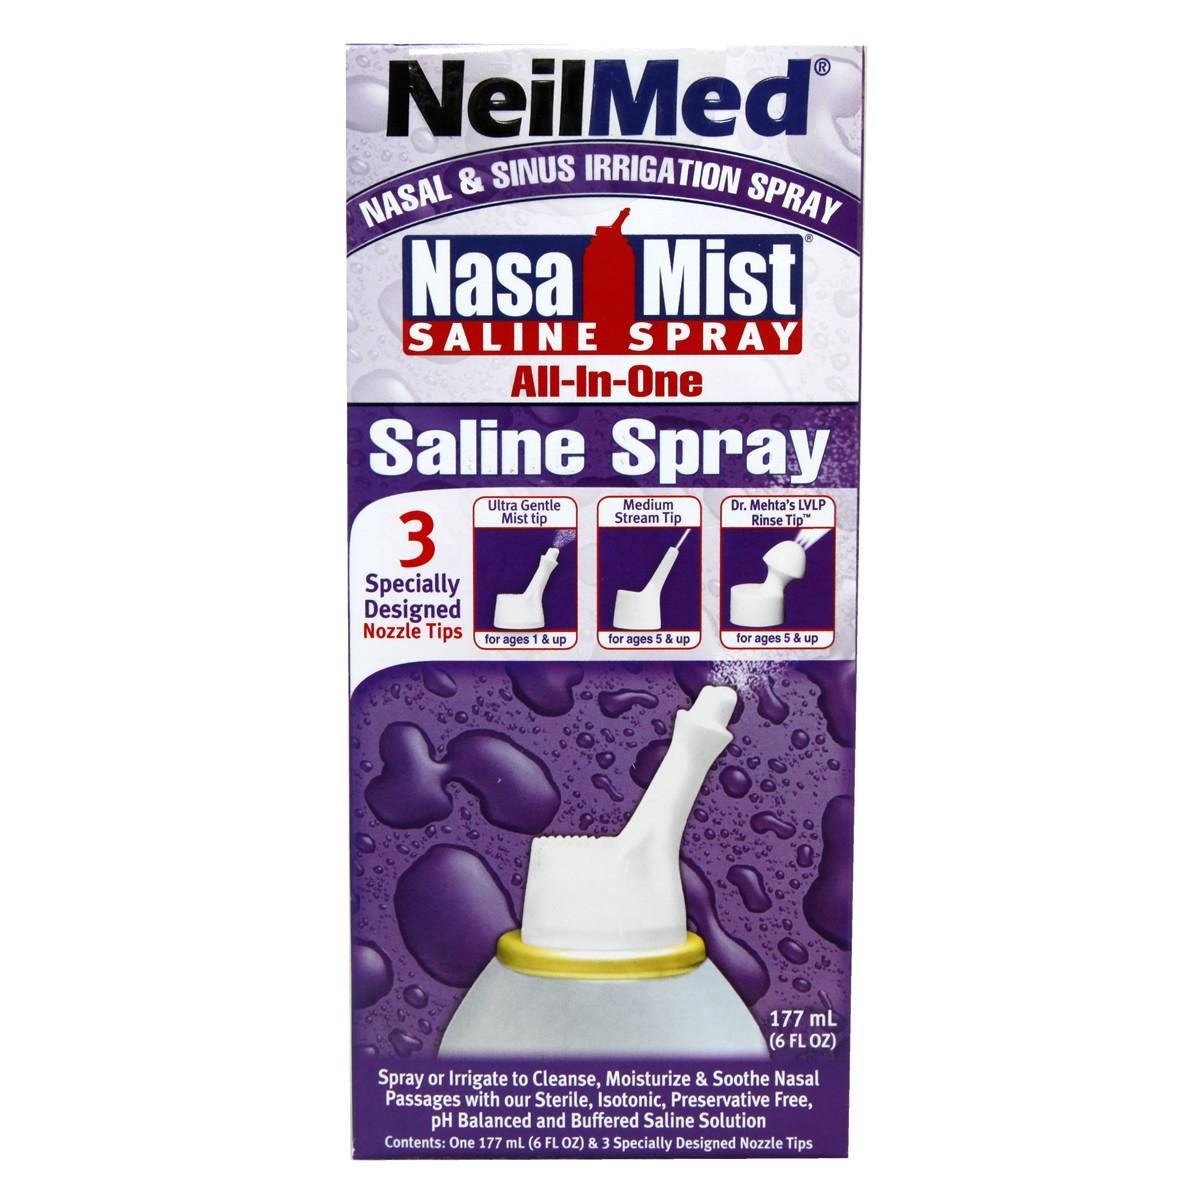 NeilMed NasaMist All-in-One Saline Spray